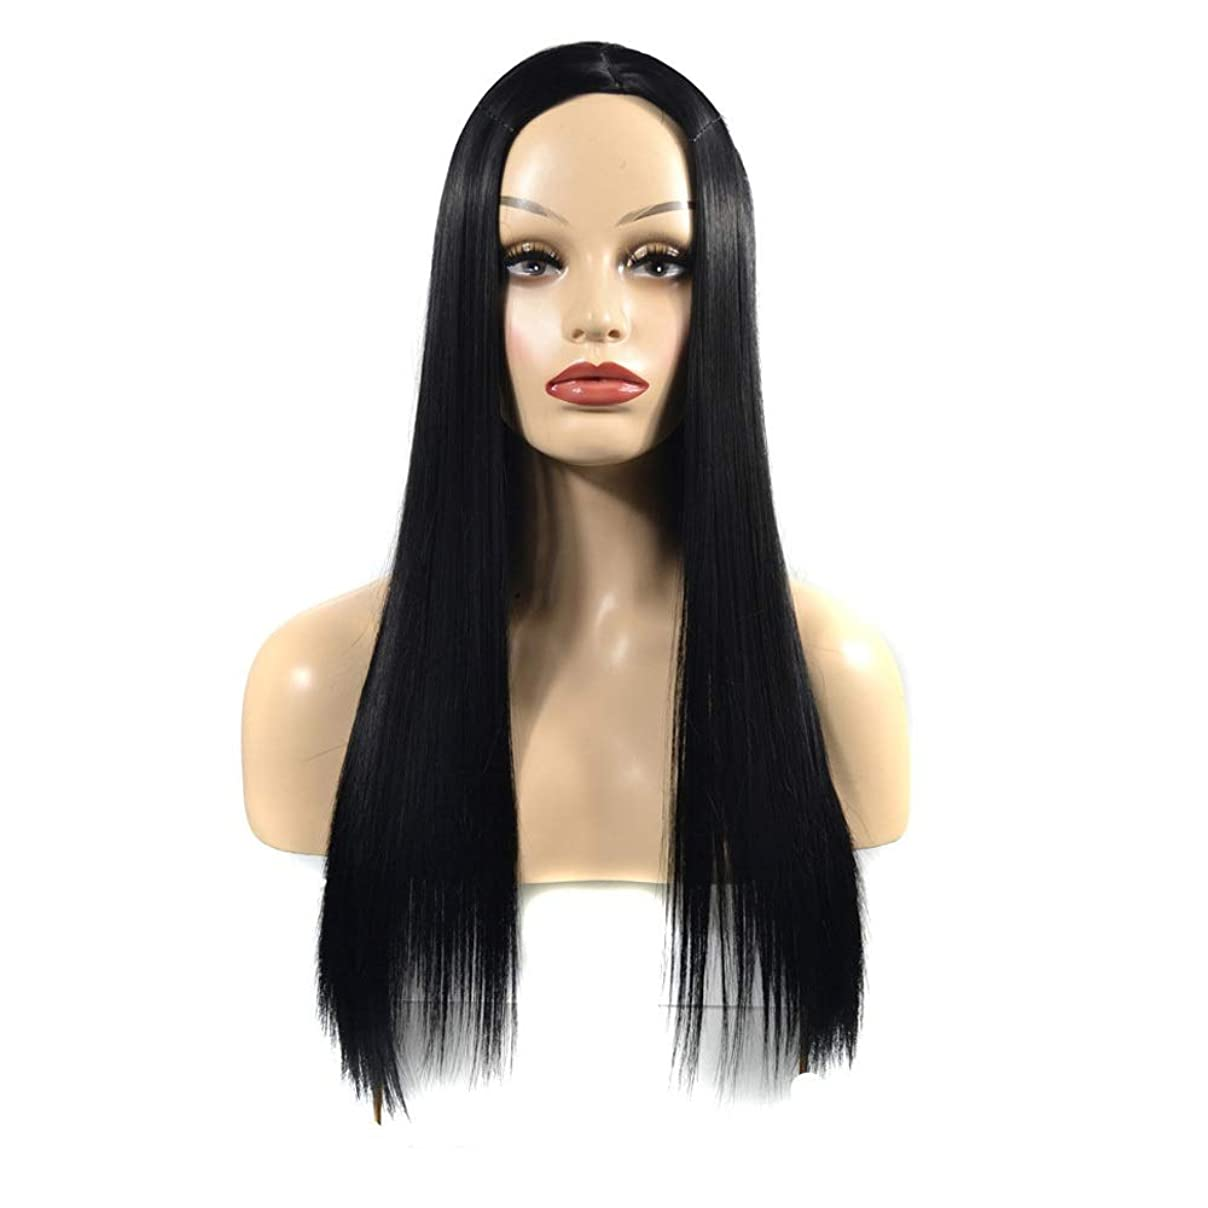 変装した適度におもてなしVergeania オンブルブラックウィッグロングストレートウィッグパーティー用かつら (色 : ブラック, サイズ : 60cm)